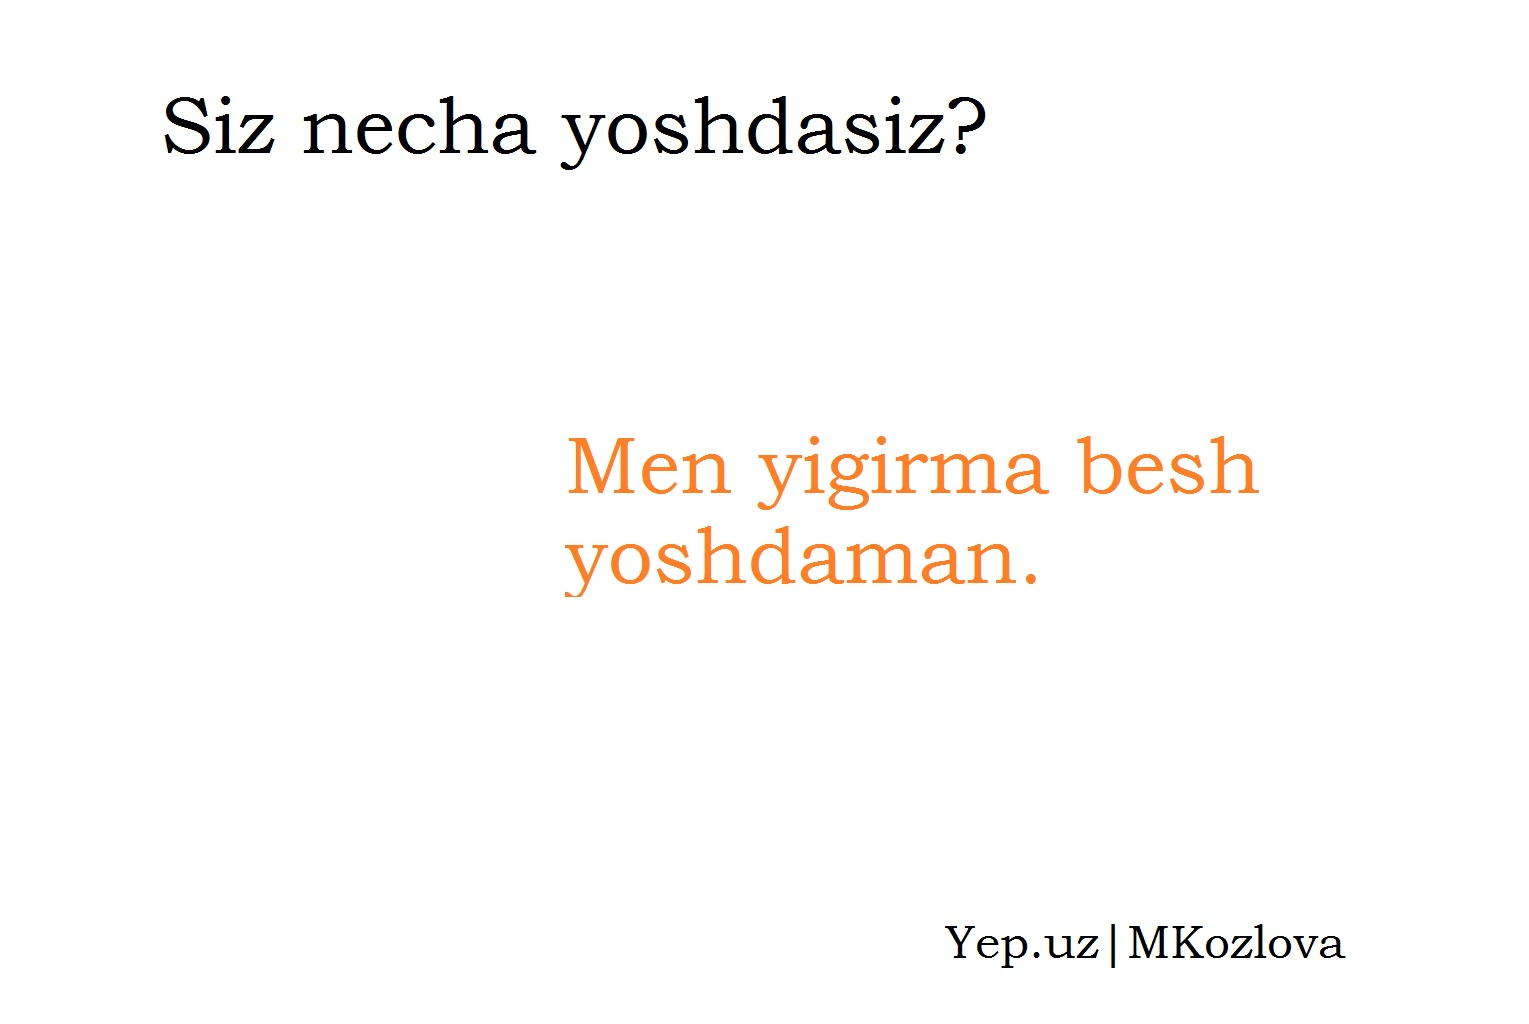 Вопрос о возрасте и ответ на узбекском языке